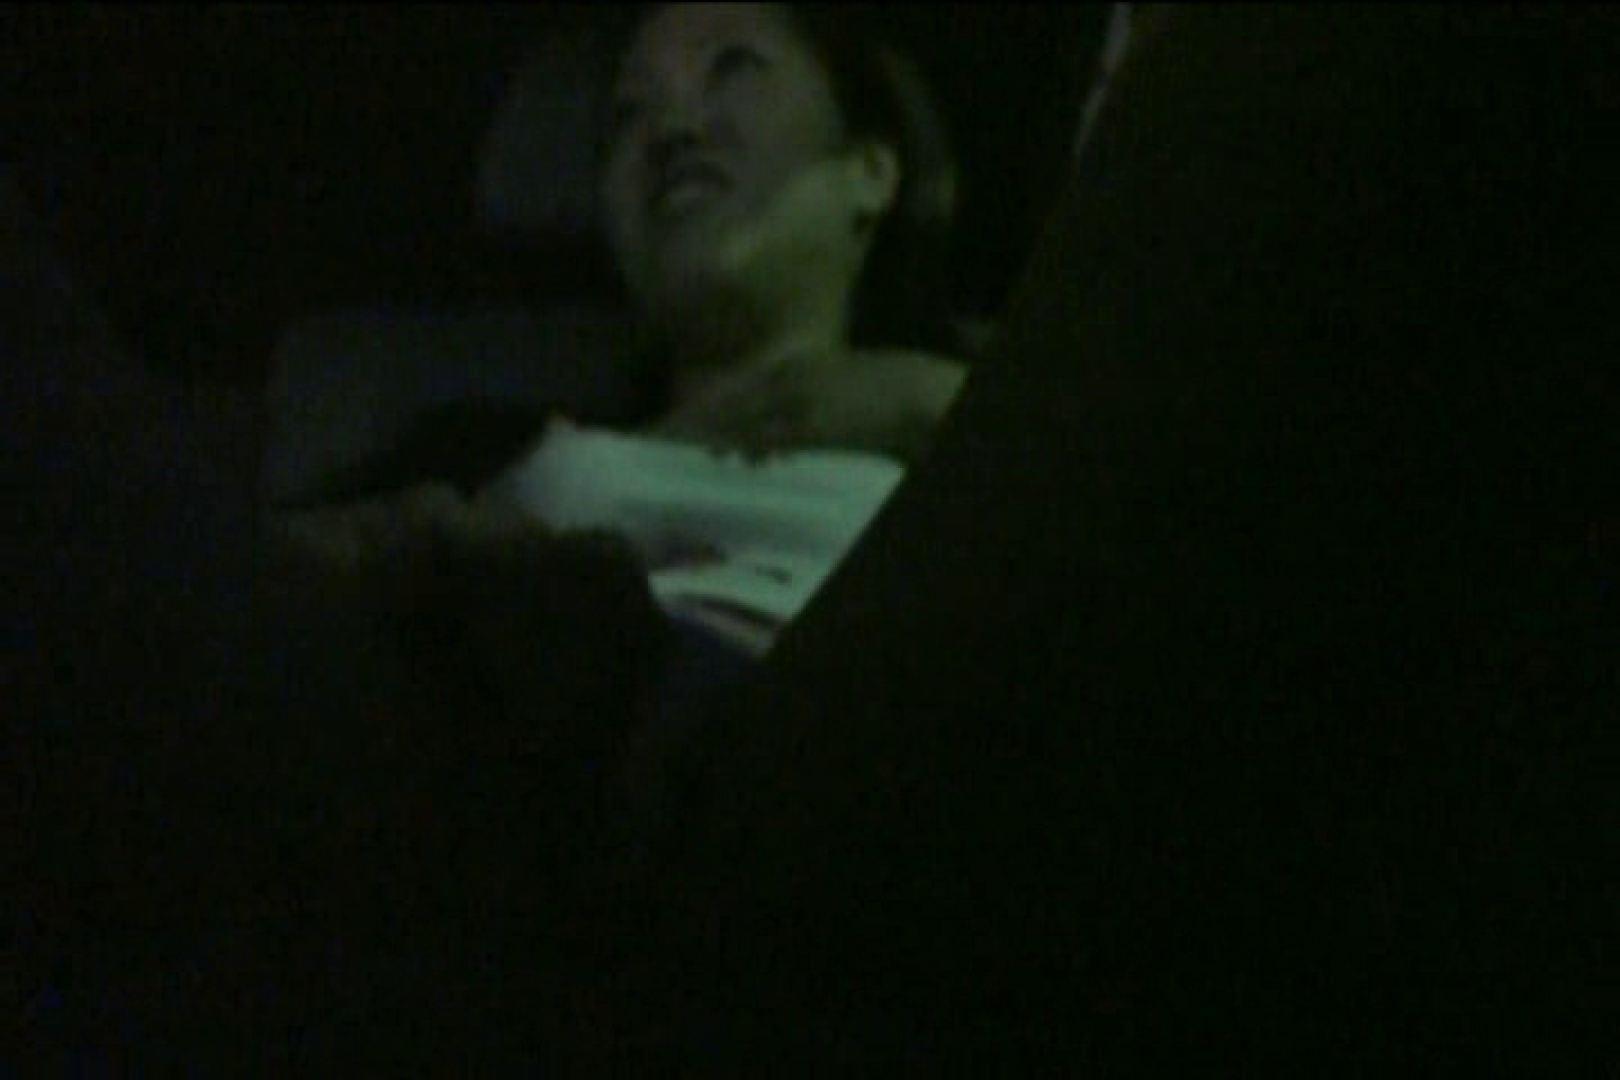 車内で初めまして! vol01 ハプニング   盗撮  68pic 7